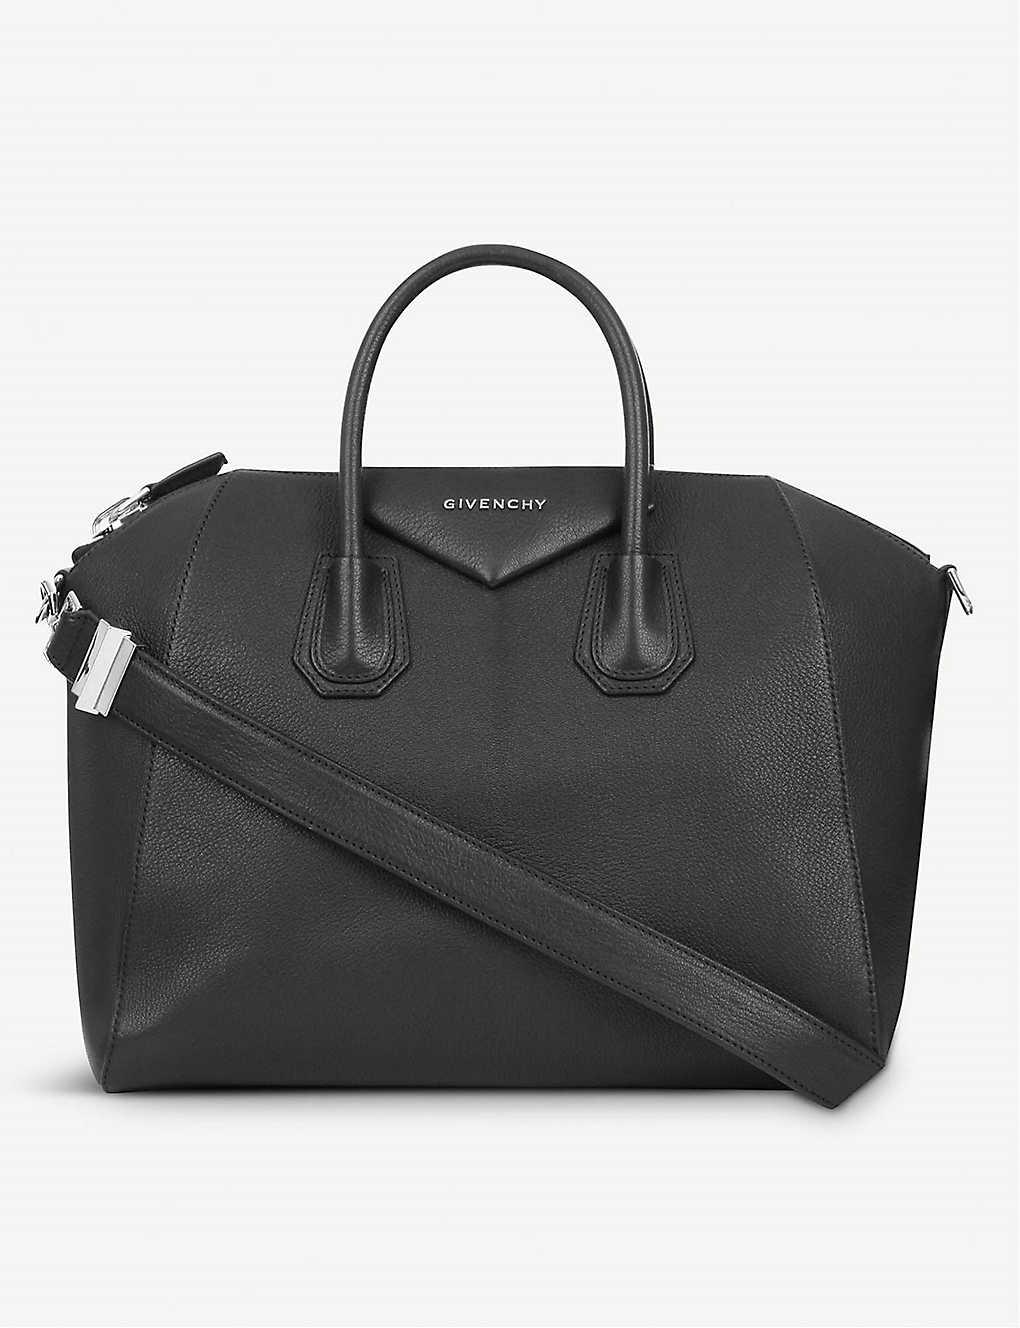 3eeaea6a2f2 GIVENCHY - Antigona Sugar medium soft-grained leather tote ...